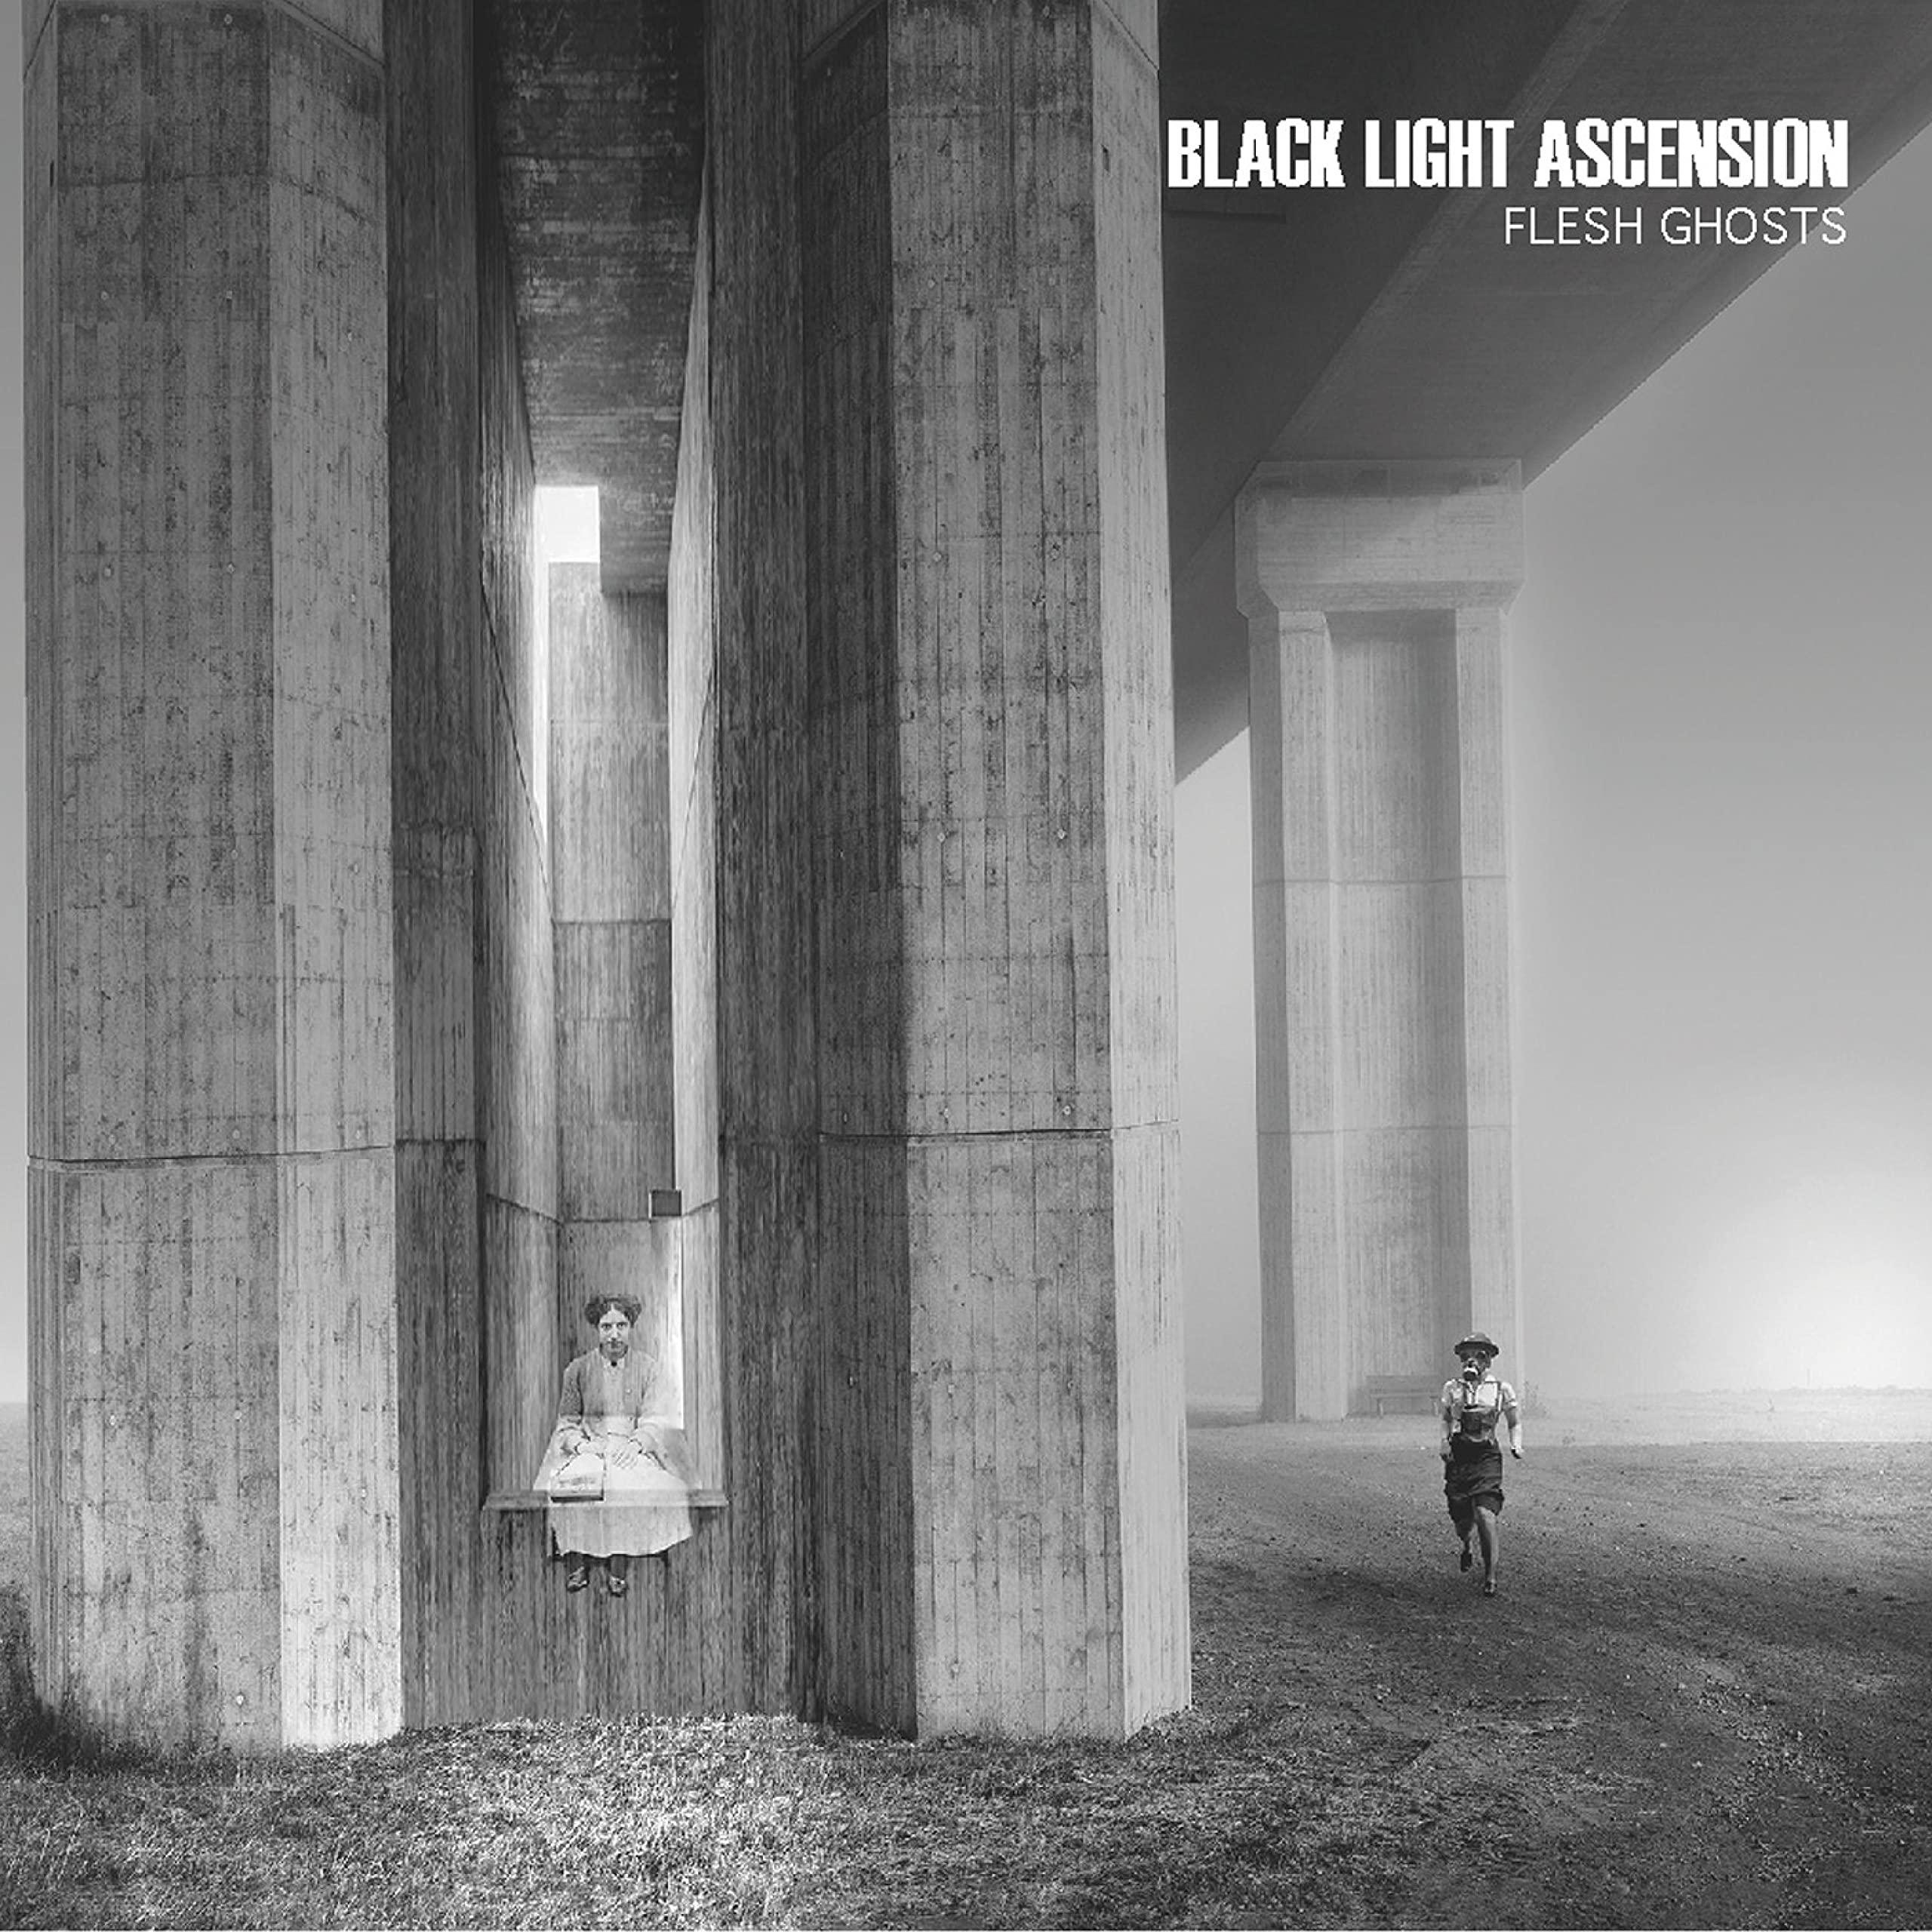 Black Light Ascension - Flesh Ghosts (2021) [FLAC] Download